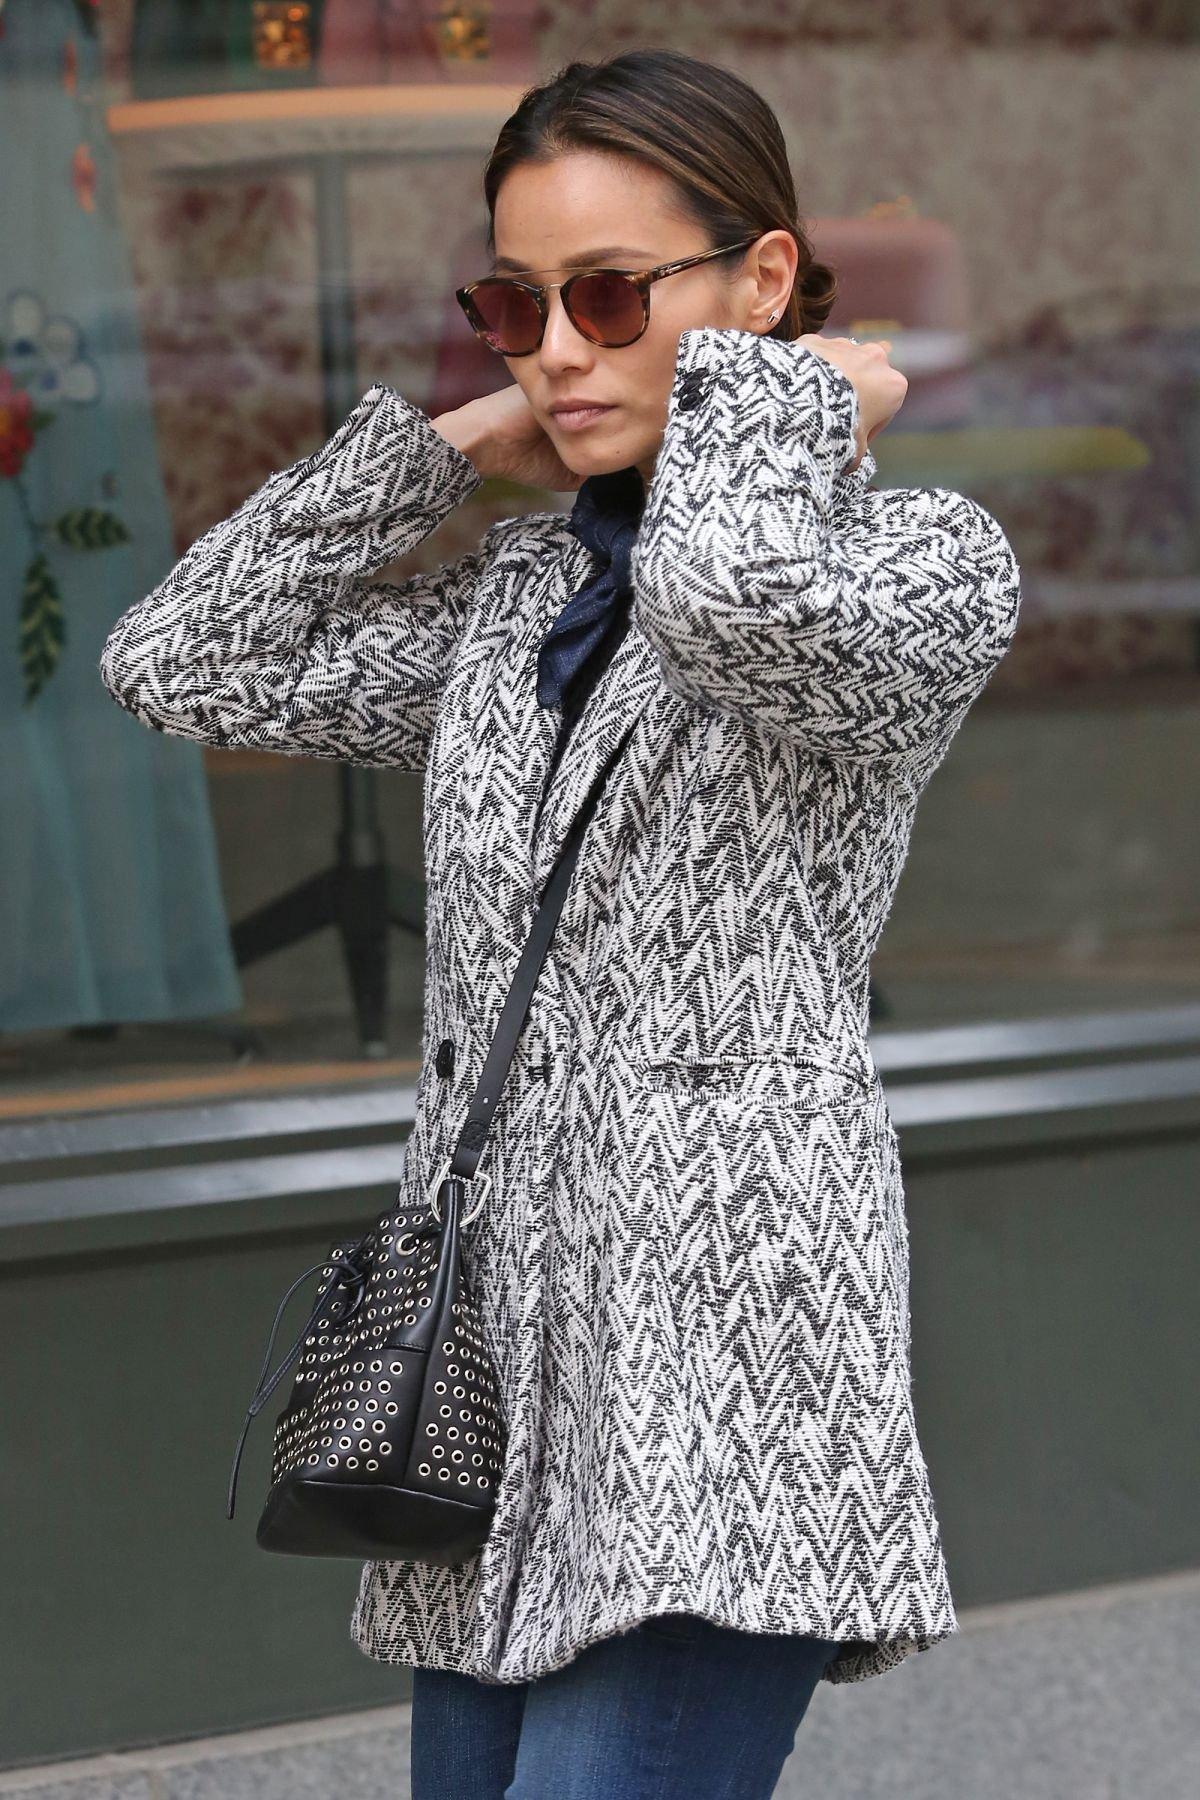 Джеми Чон радует стильными образами даже во время прогулки